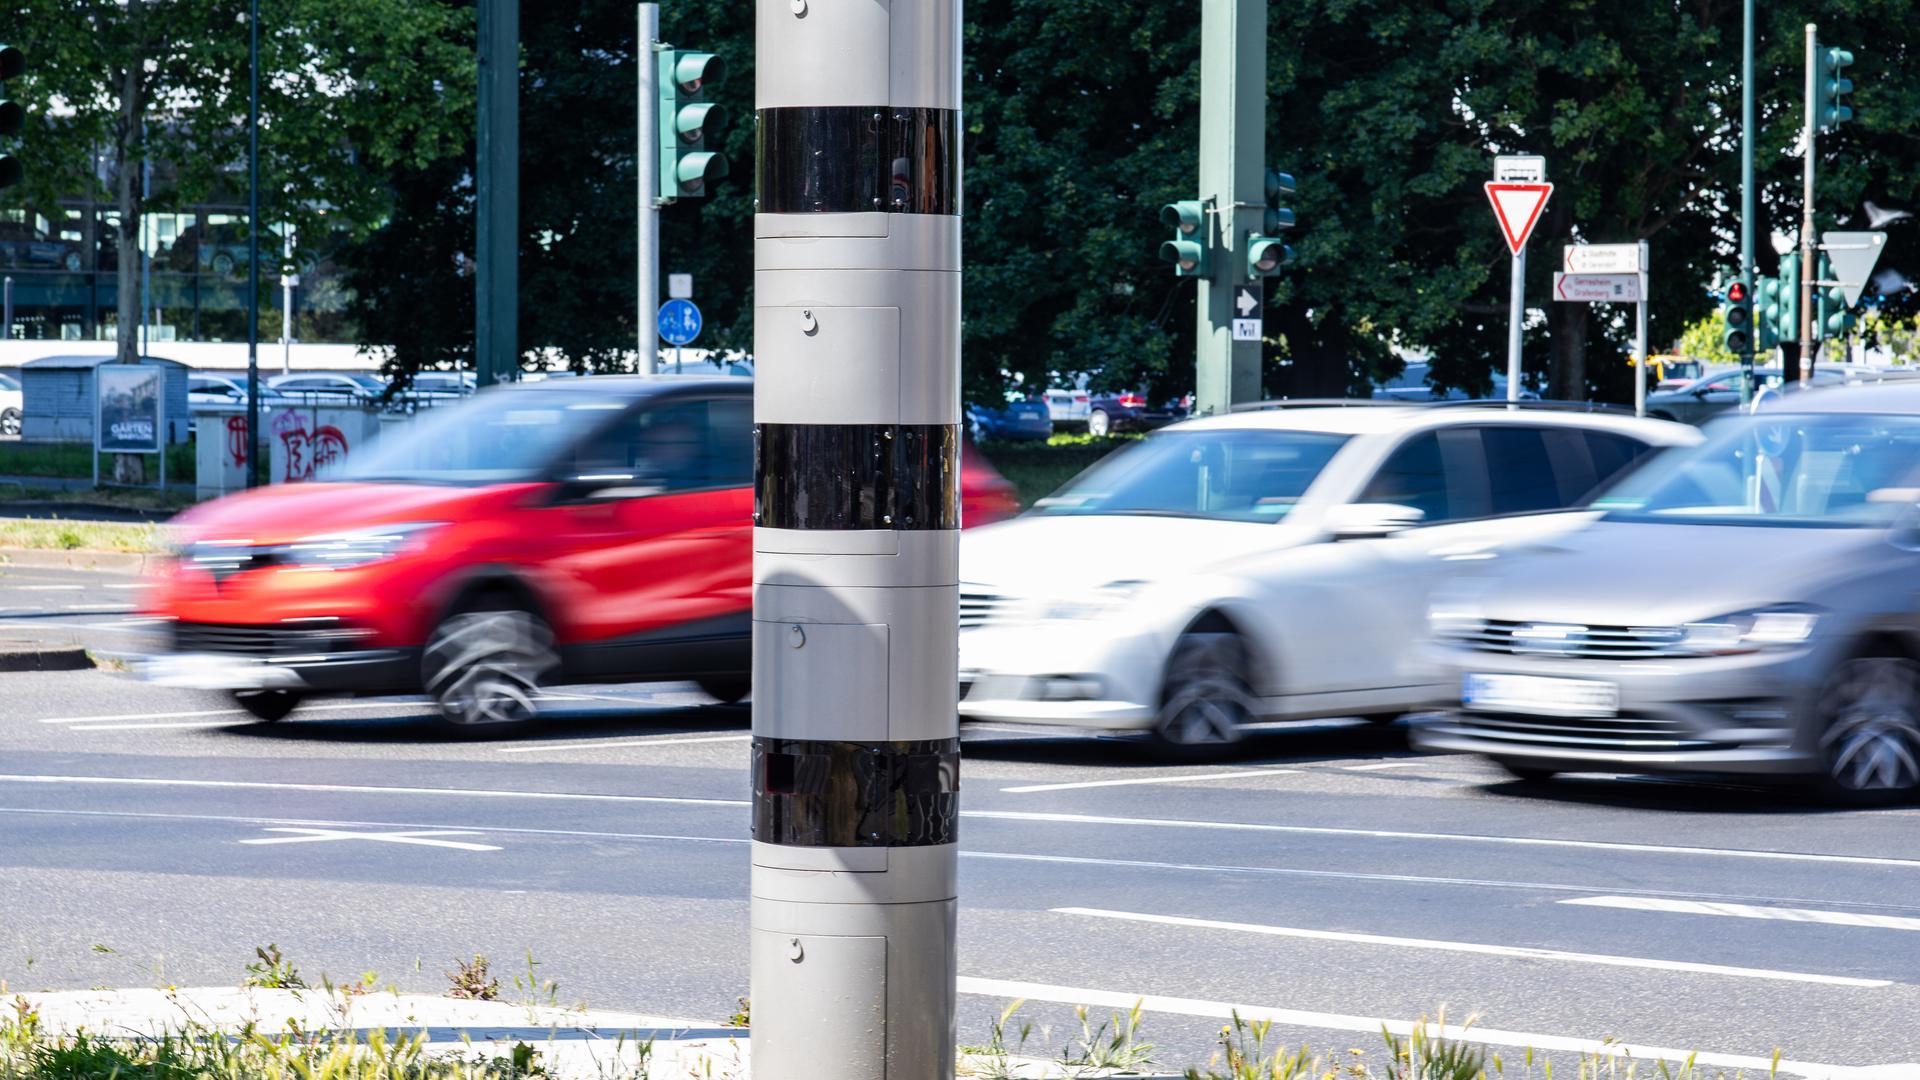 Eine Geschwindigkeitsüberwachungsanlage (Blitzer) steht an einer Kreuzung. Bundesverkehrsminister Scheuer (CSU) will verschärfte Regelungen zu Fahrverboten bei zu schnellem Fahren zurücknehmen. Dabei geht es vor allem um die Regel, dass nun schon ein Monat Fahrverbot droht, wenn man innerorts 21 Kilometer pro Stunde zu schnell fährt oder außerorts 26 km/h. Diese Regelung sei «unverhältnismäßig», hieß es im Ministerium. +++ dpa-Bildfunk +++